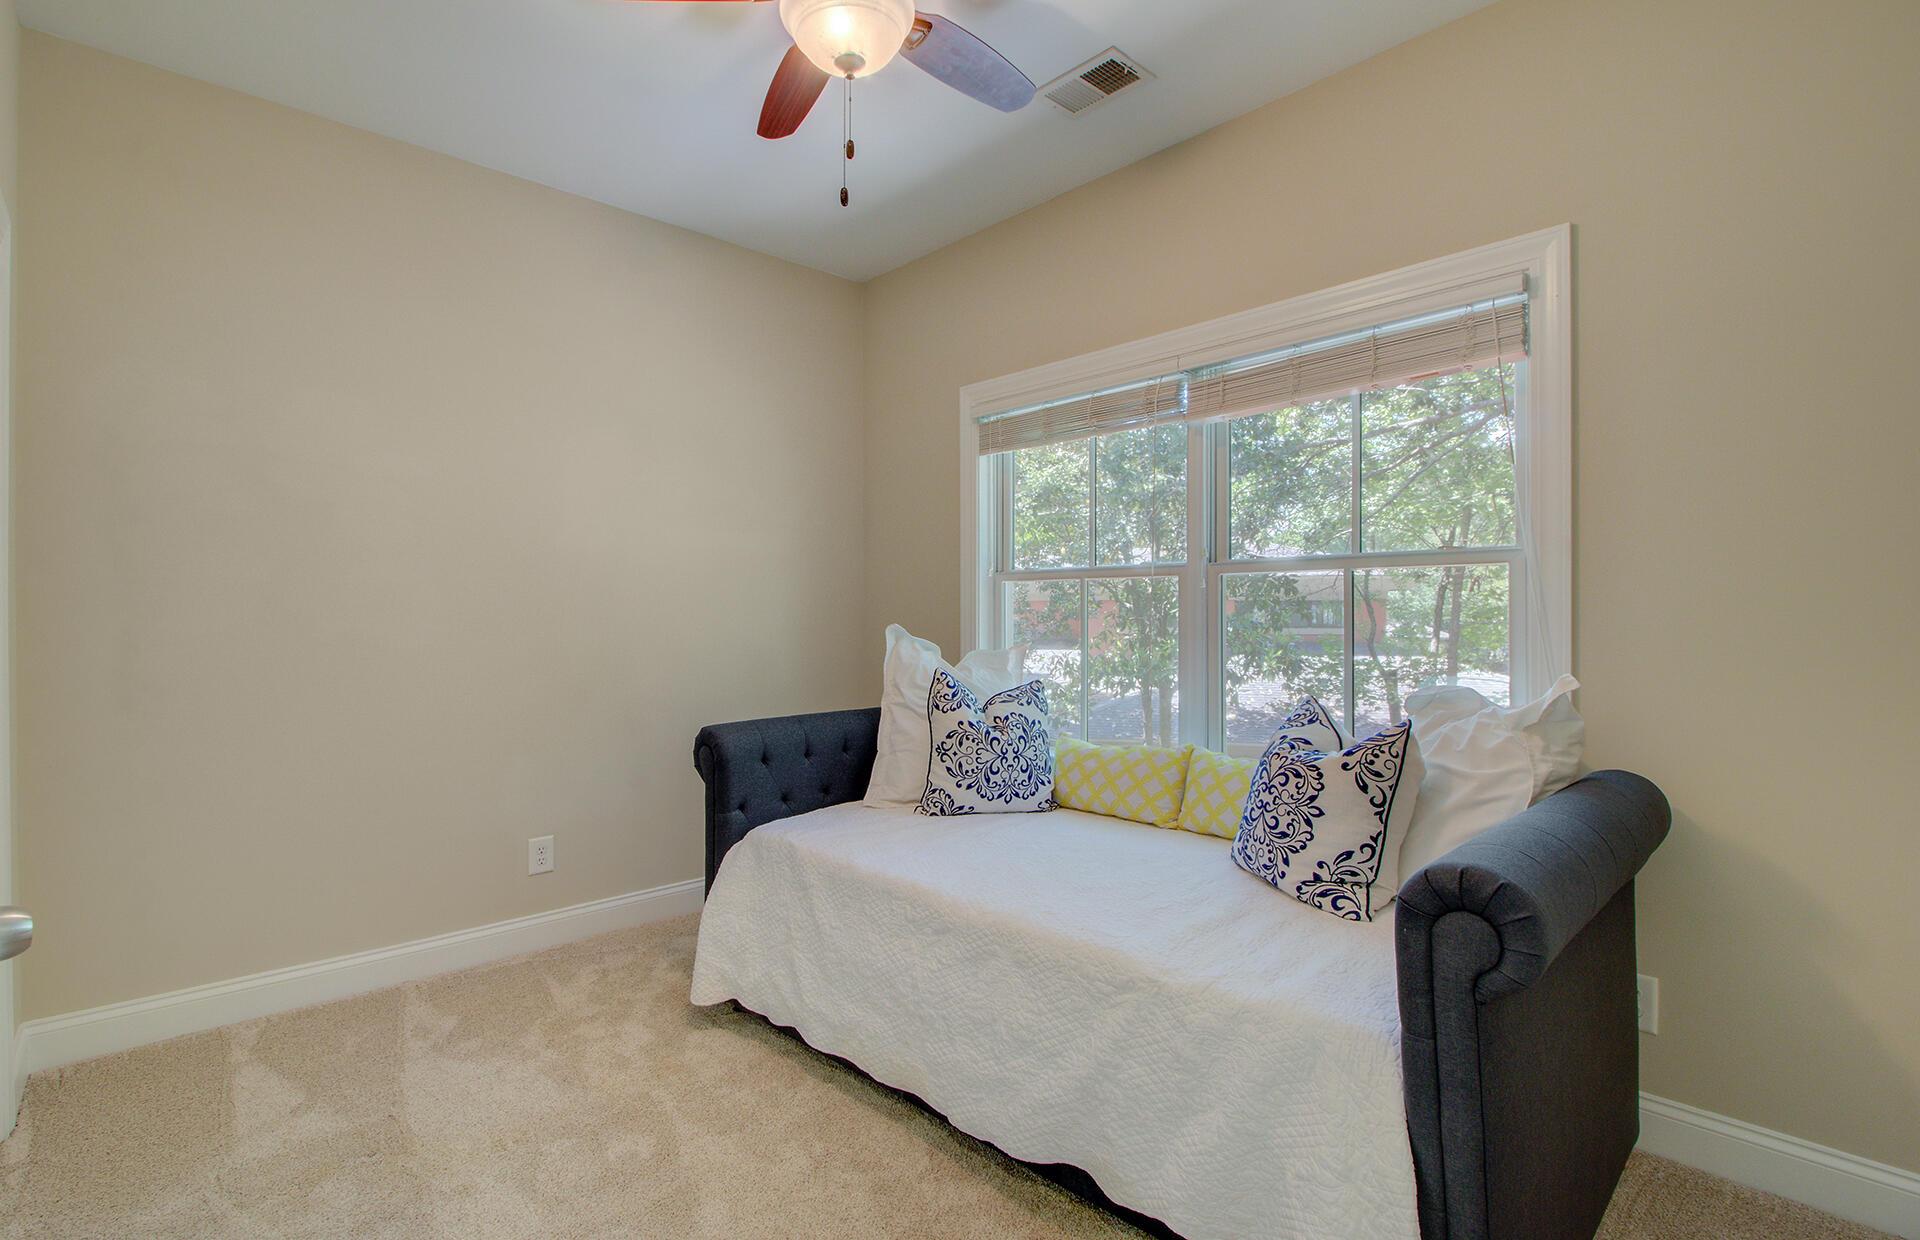 Phillips Park Homes For Sale - 1129 Phillips Park, Mount Pleasant, SC - 40